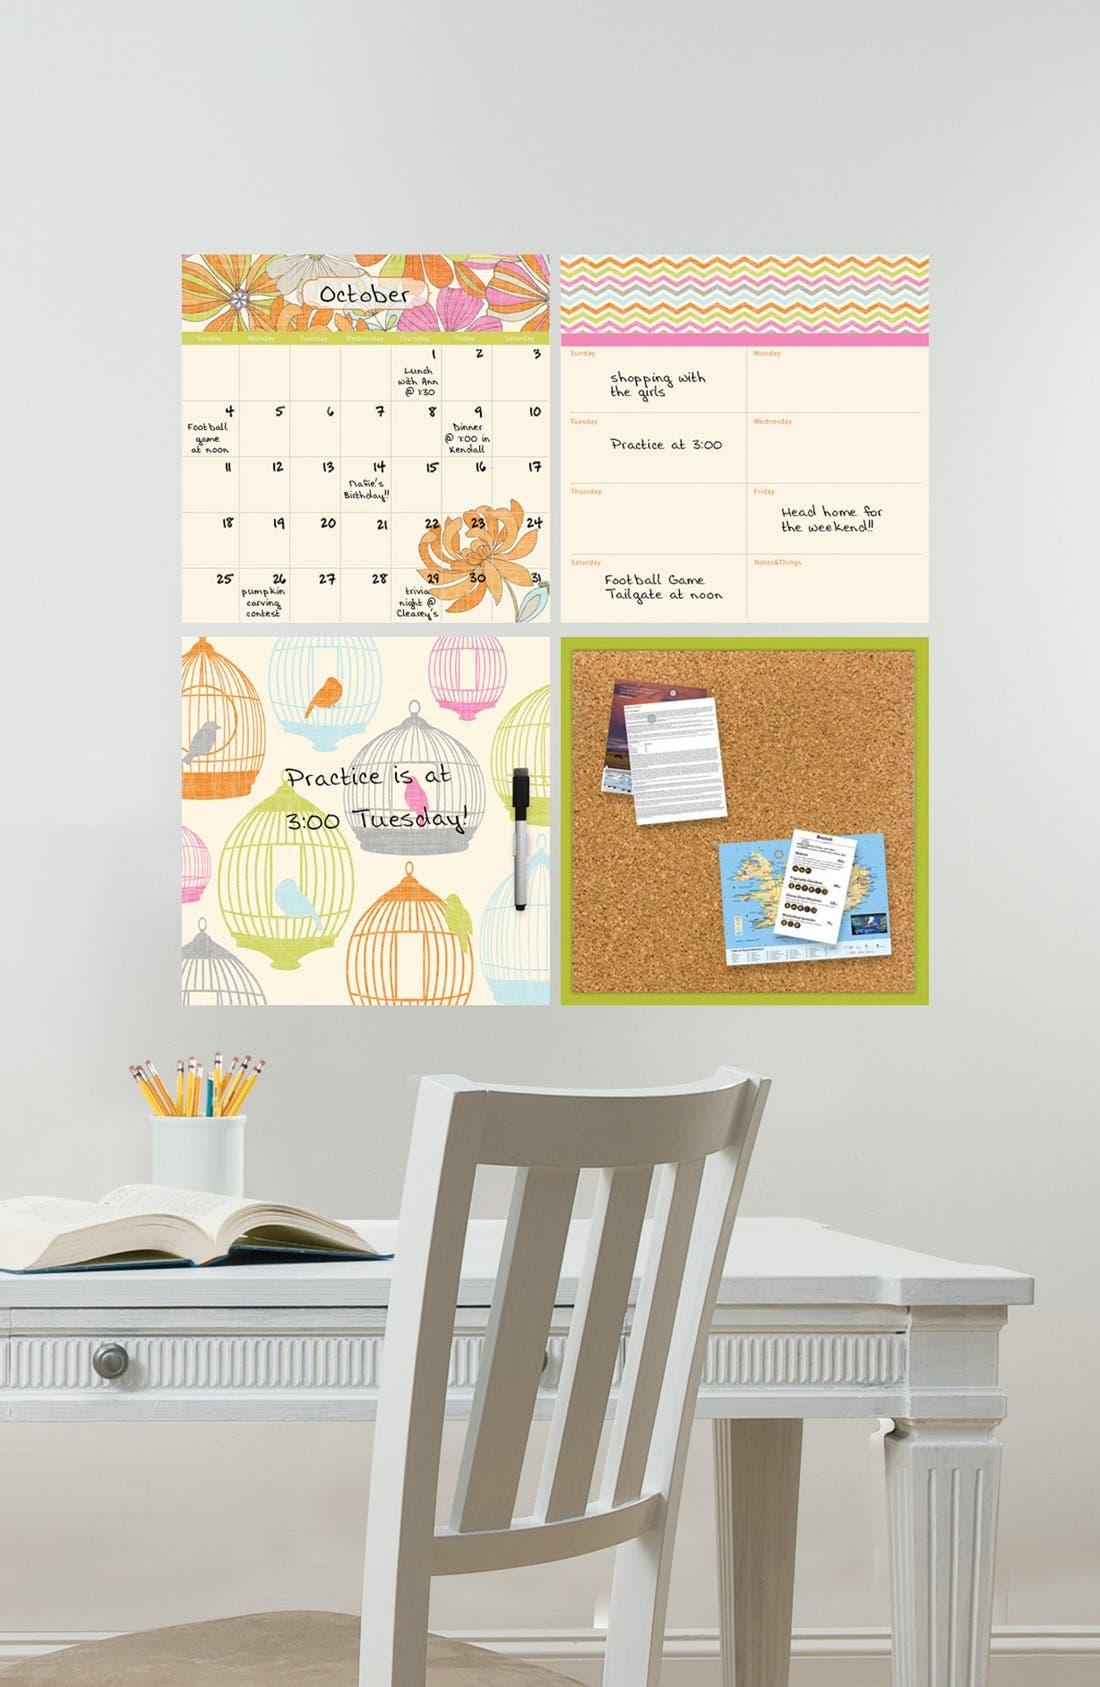 Alternate Image 1 Selected - Wallpops Dry Erase Organization Kit